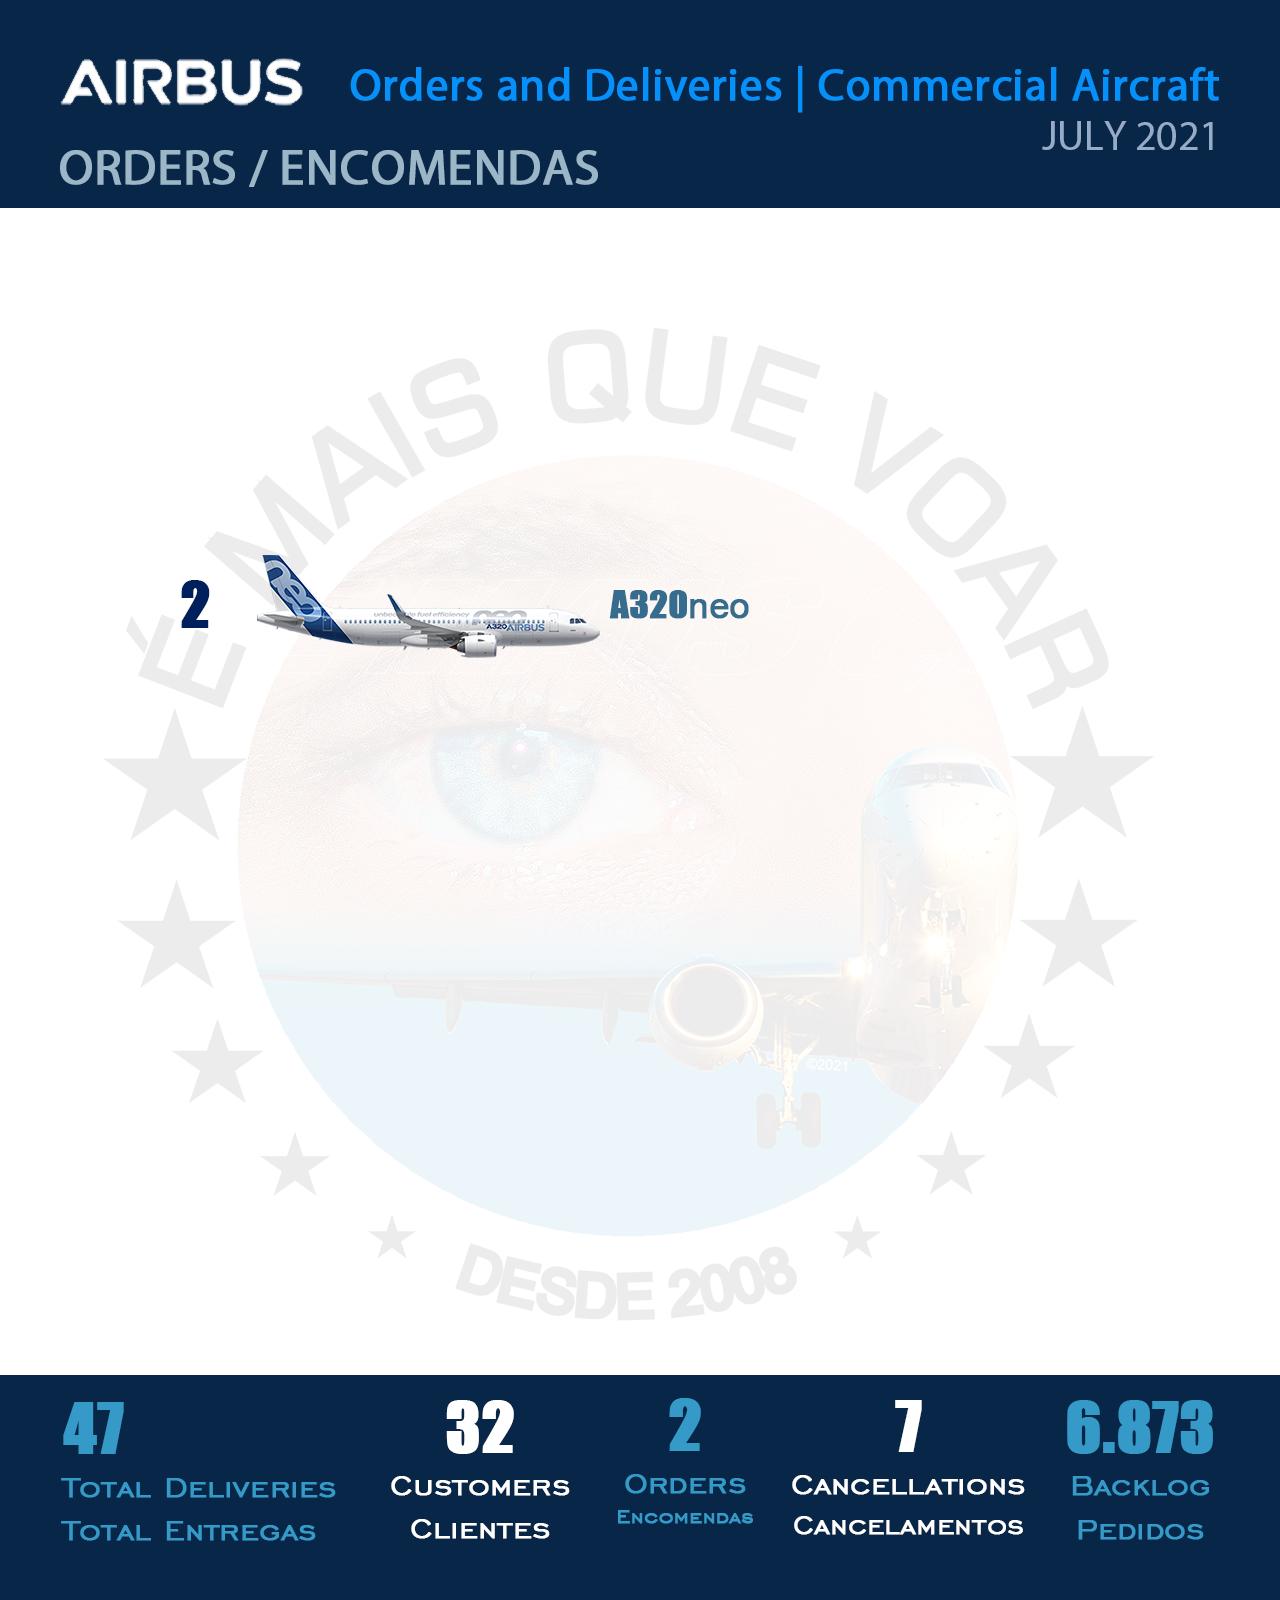 INFOGRÁFICO: Encomendas e Entregas Aeronaves Comerciais da Airbus – Julho 2021   É MAIS QUE VOAR